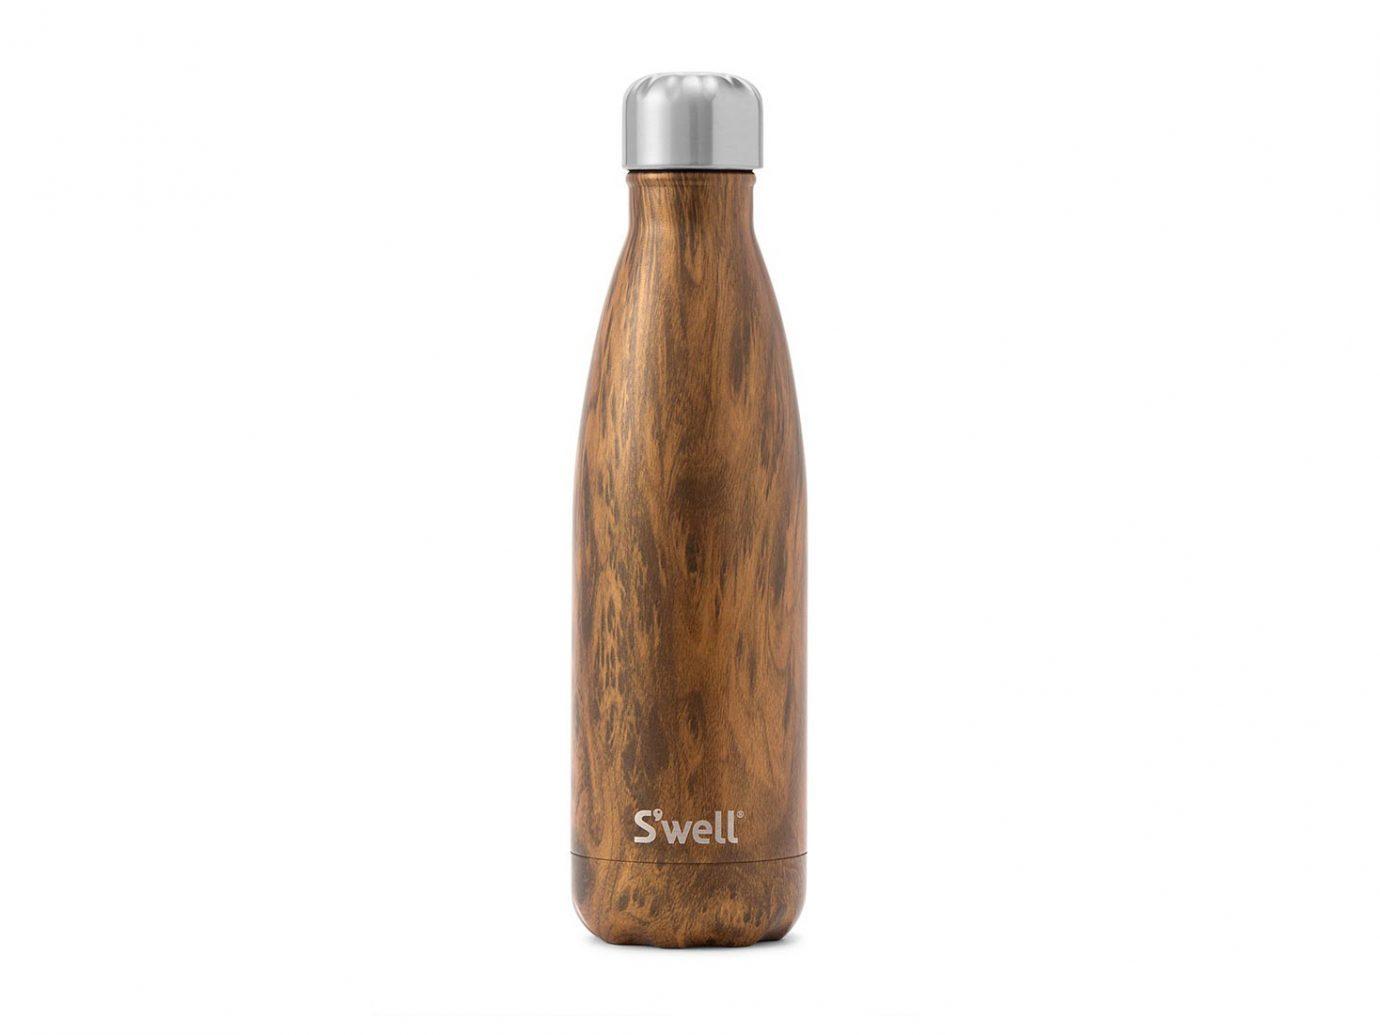 S'well 17oz Water Bottle